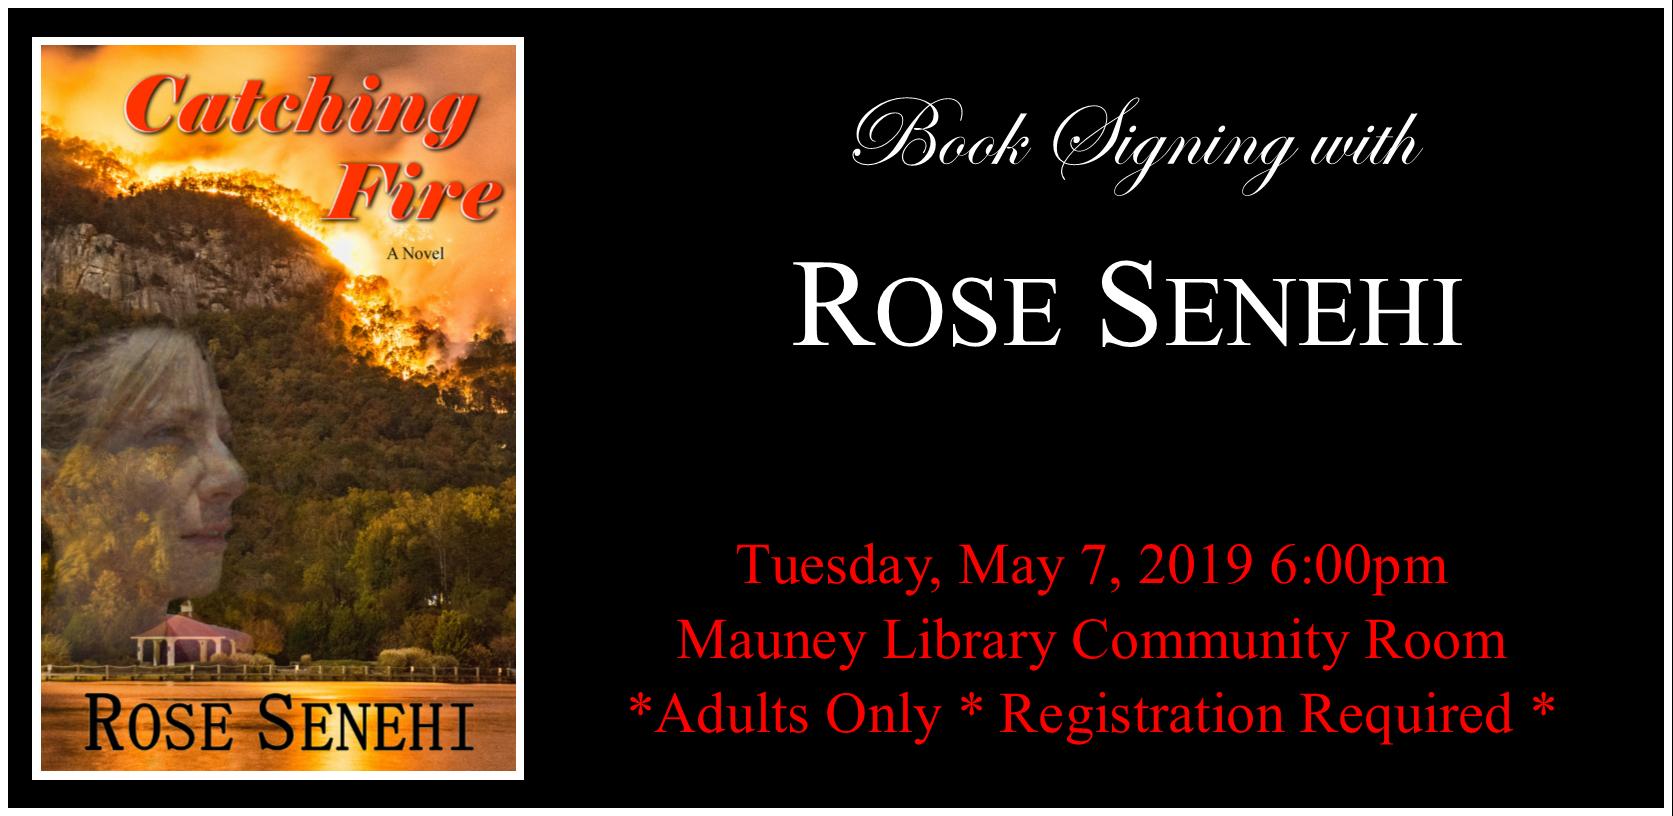 Rose Senehi Book Signing